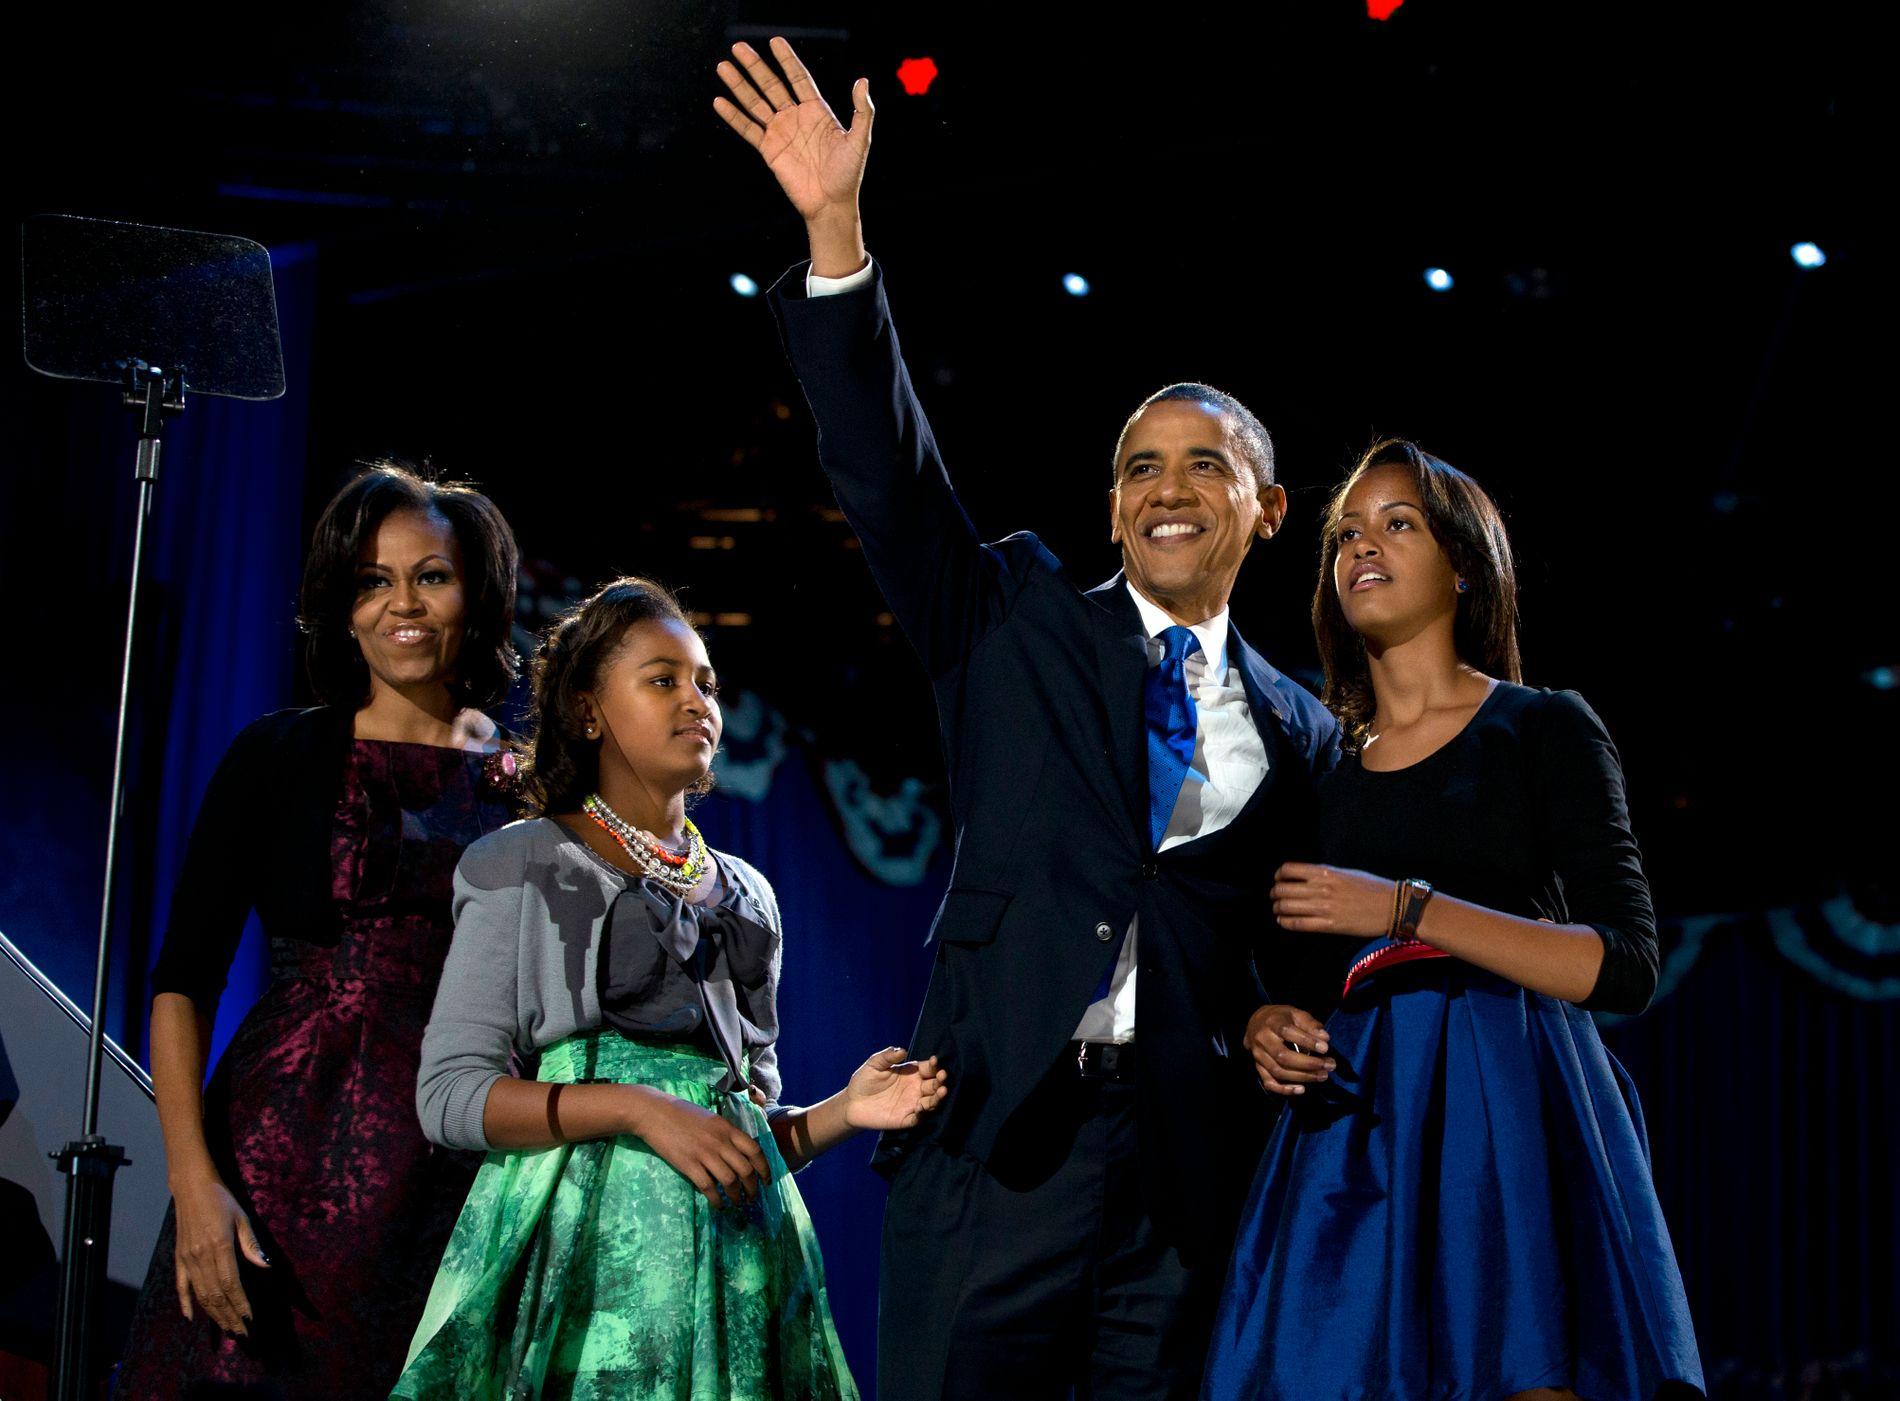 FAMILIE: Michelle, Sasha og Malia med Barack  på valgnattsfest i Chicago i november 2012.